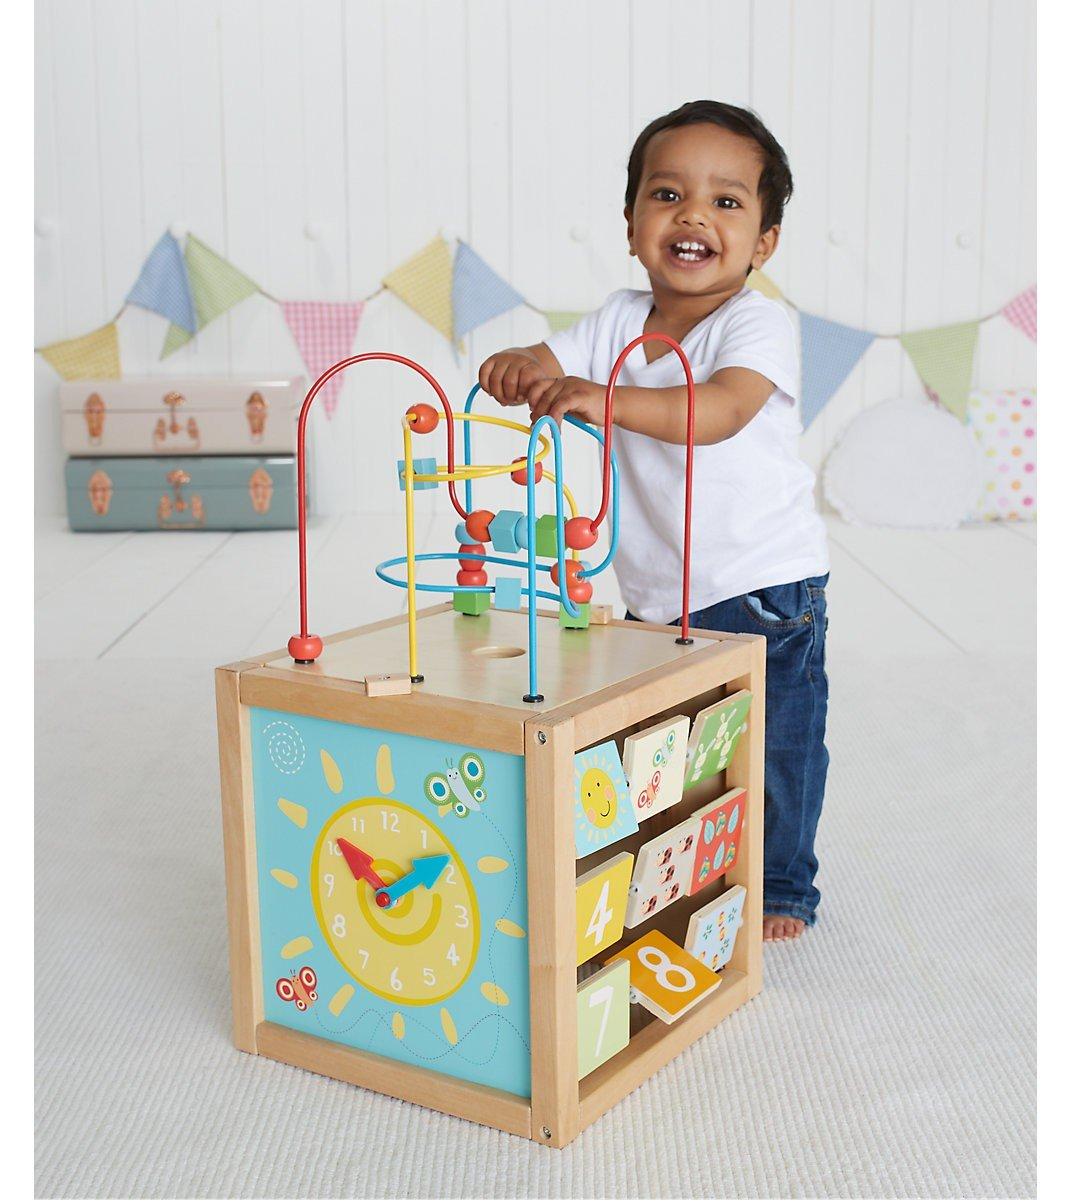 Подарок ребёнку 2 лет на день рождения 100